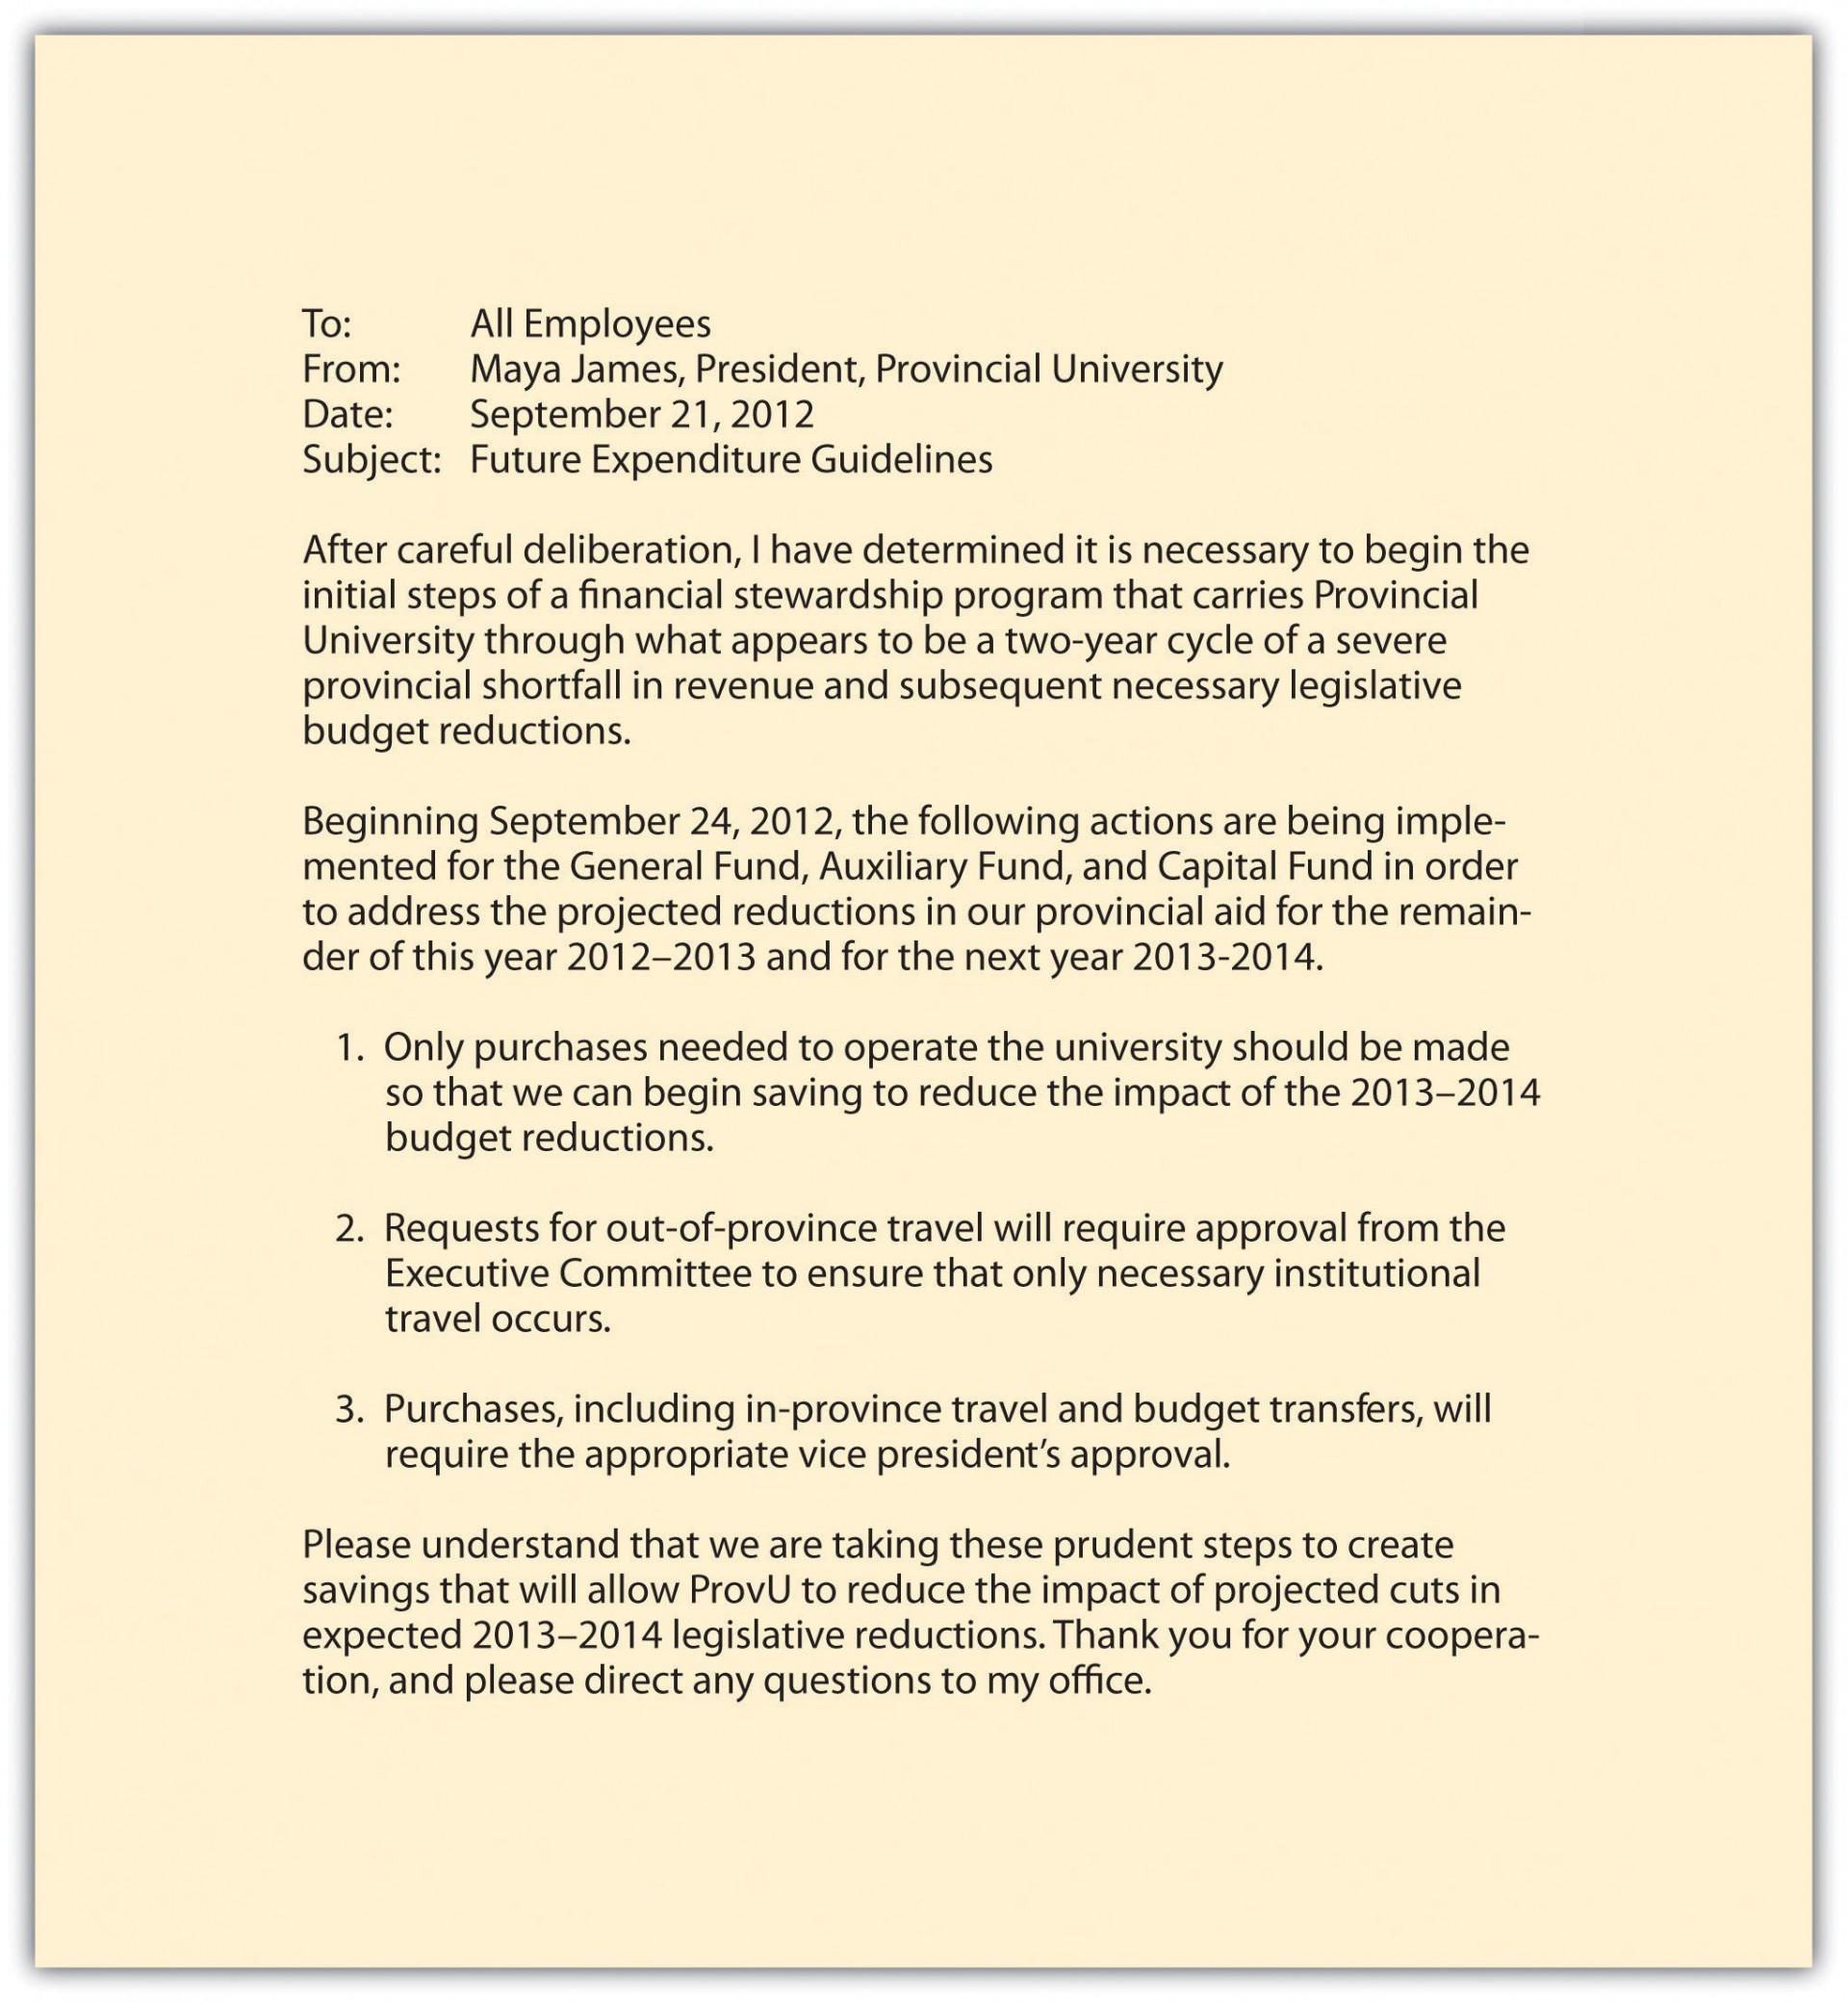 009 Fantastic Microsoft Word Professional Memorandum Template Highest Clarity  Memo1920